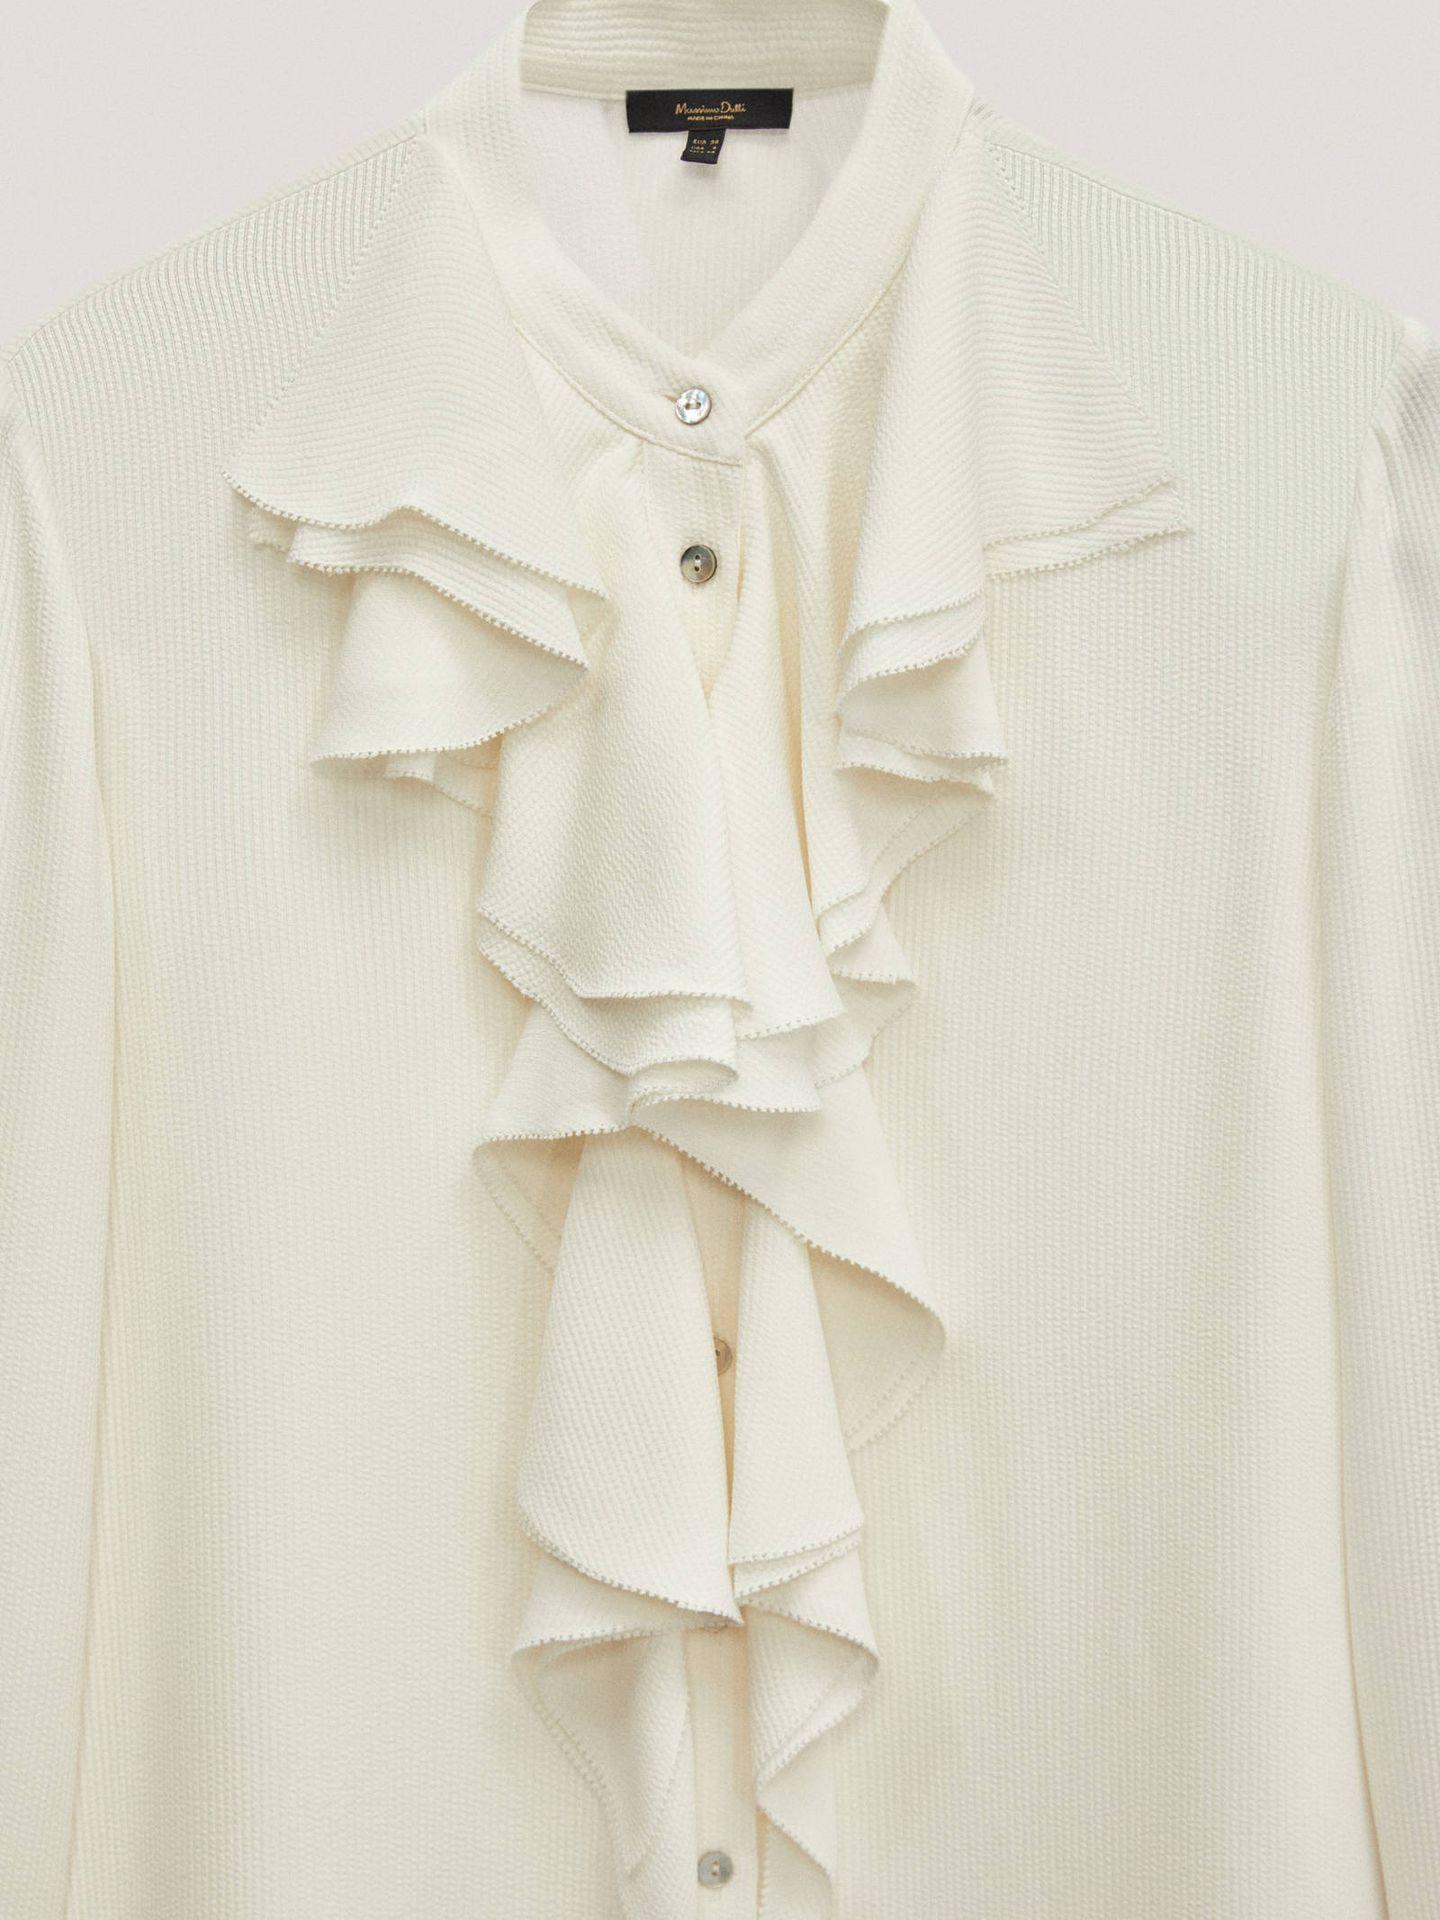 Camisa blanca de corte romántico de Massimo Dutti. (Cortesía)